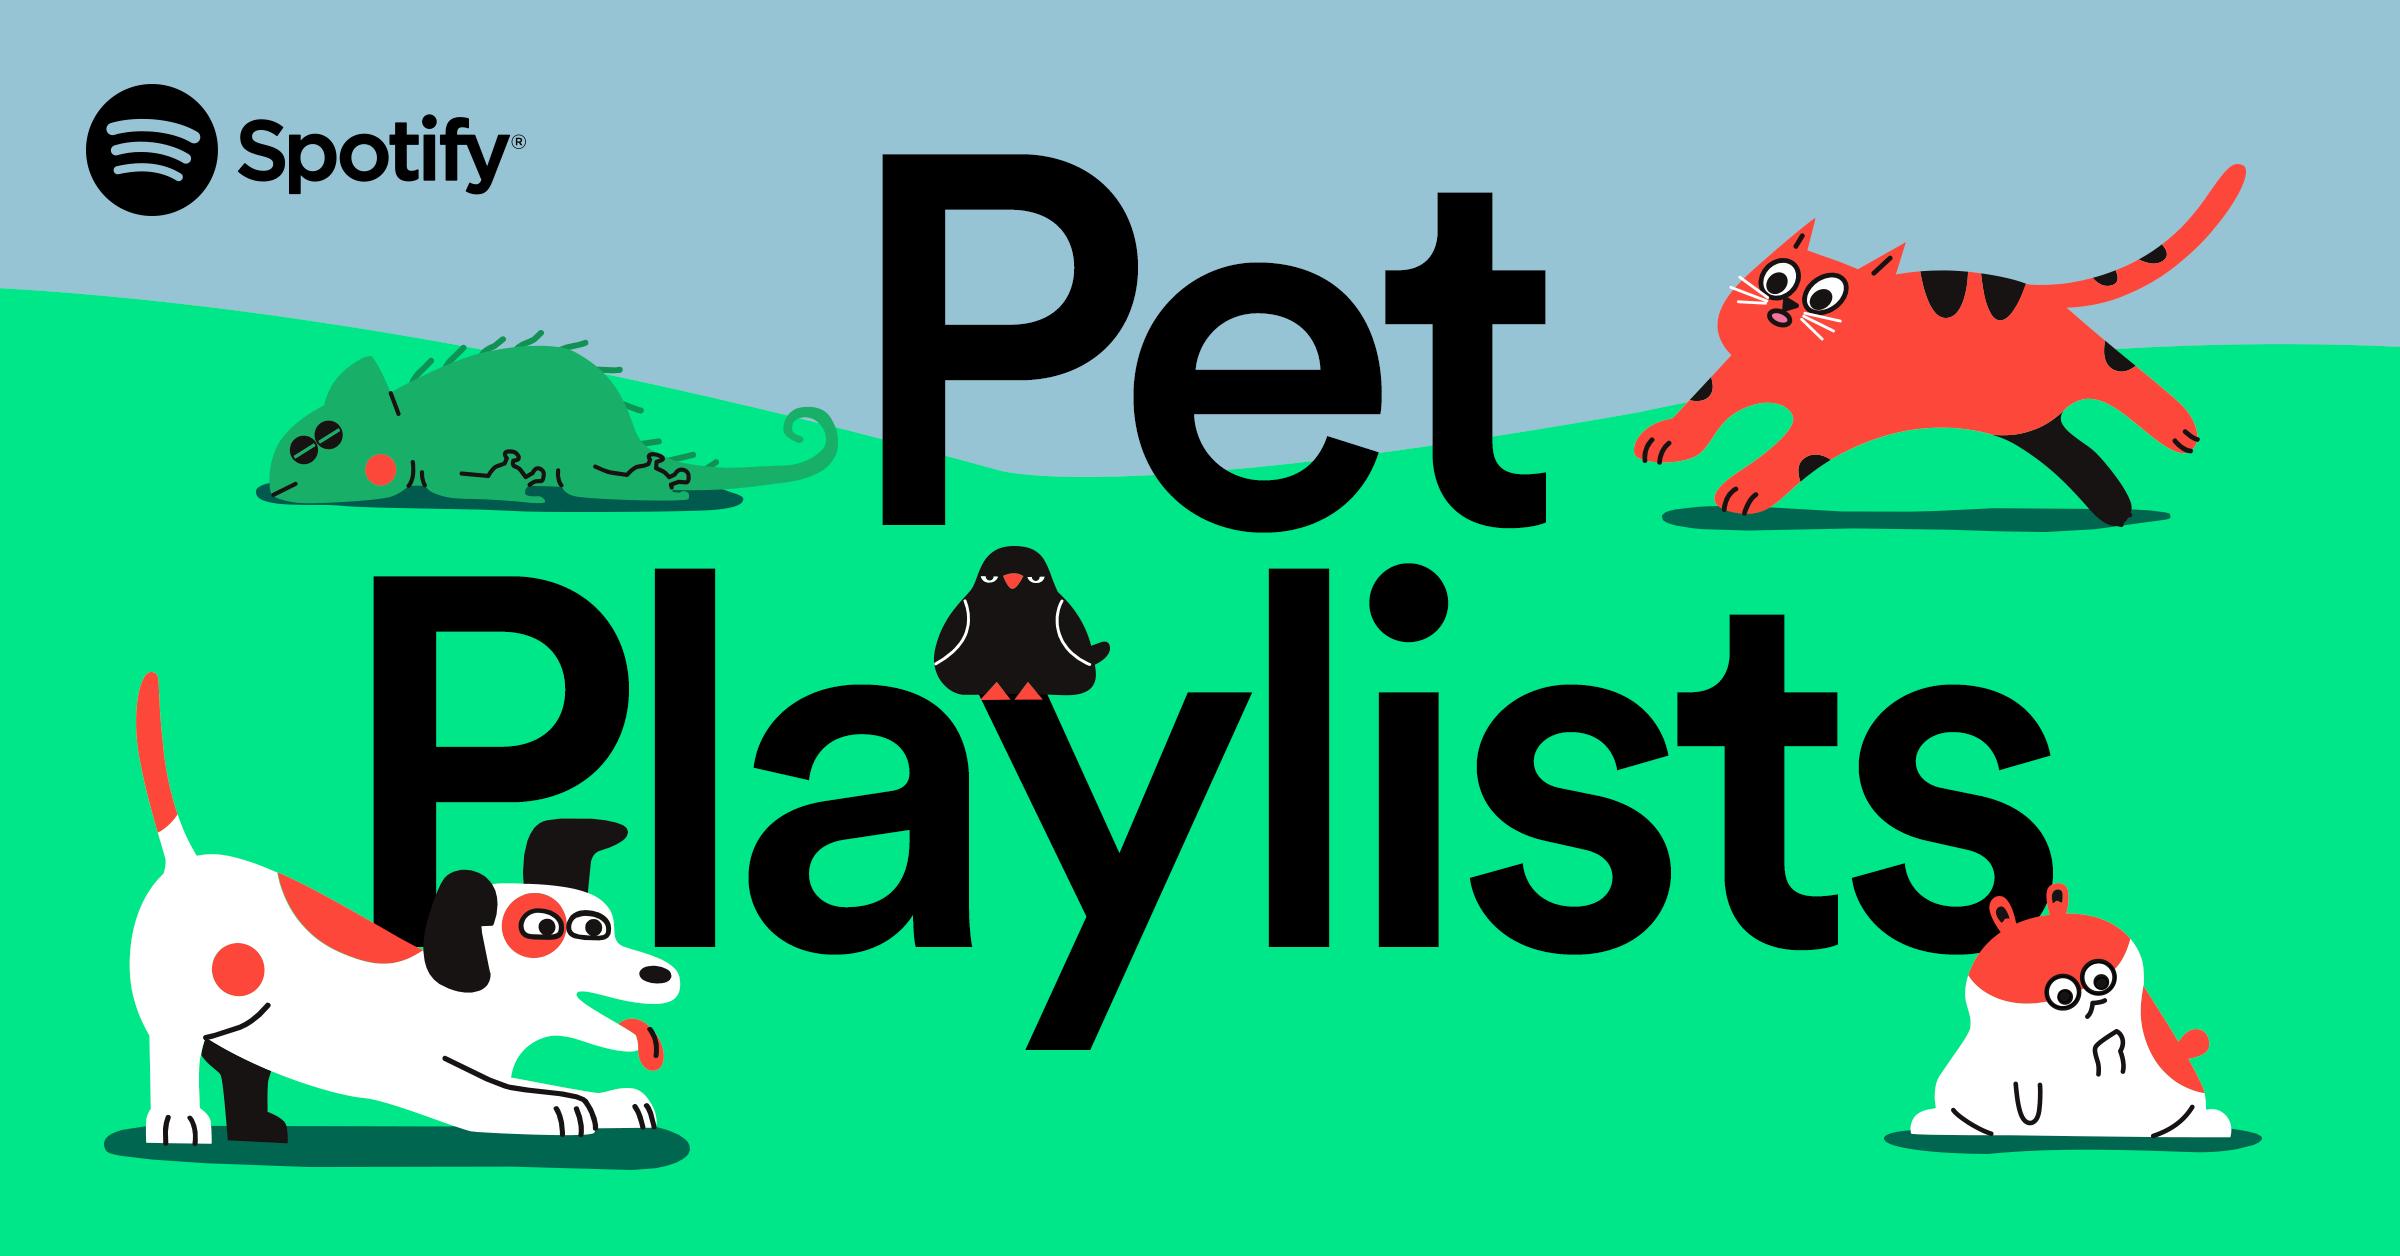 Spotify presentó su nueva función exclusivamente para tus mascotas - Radio Cantilo